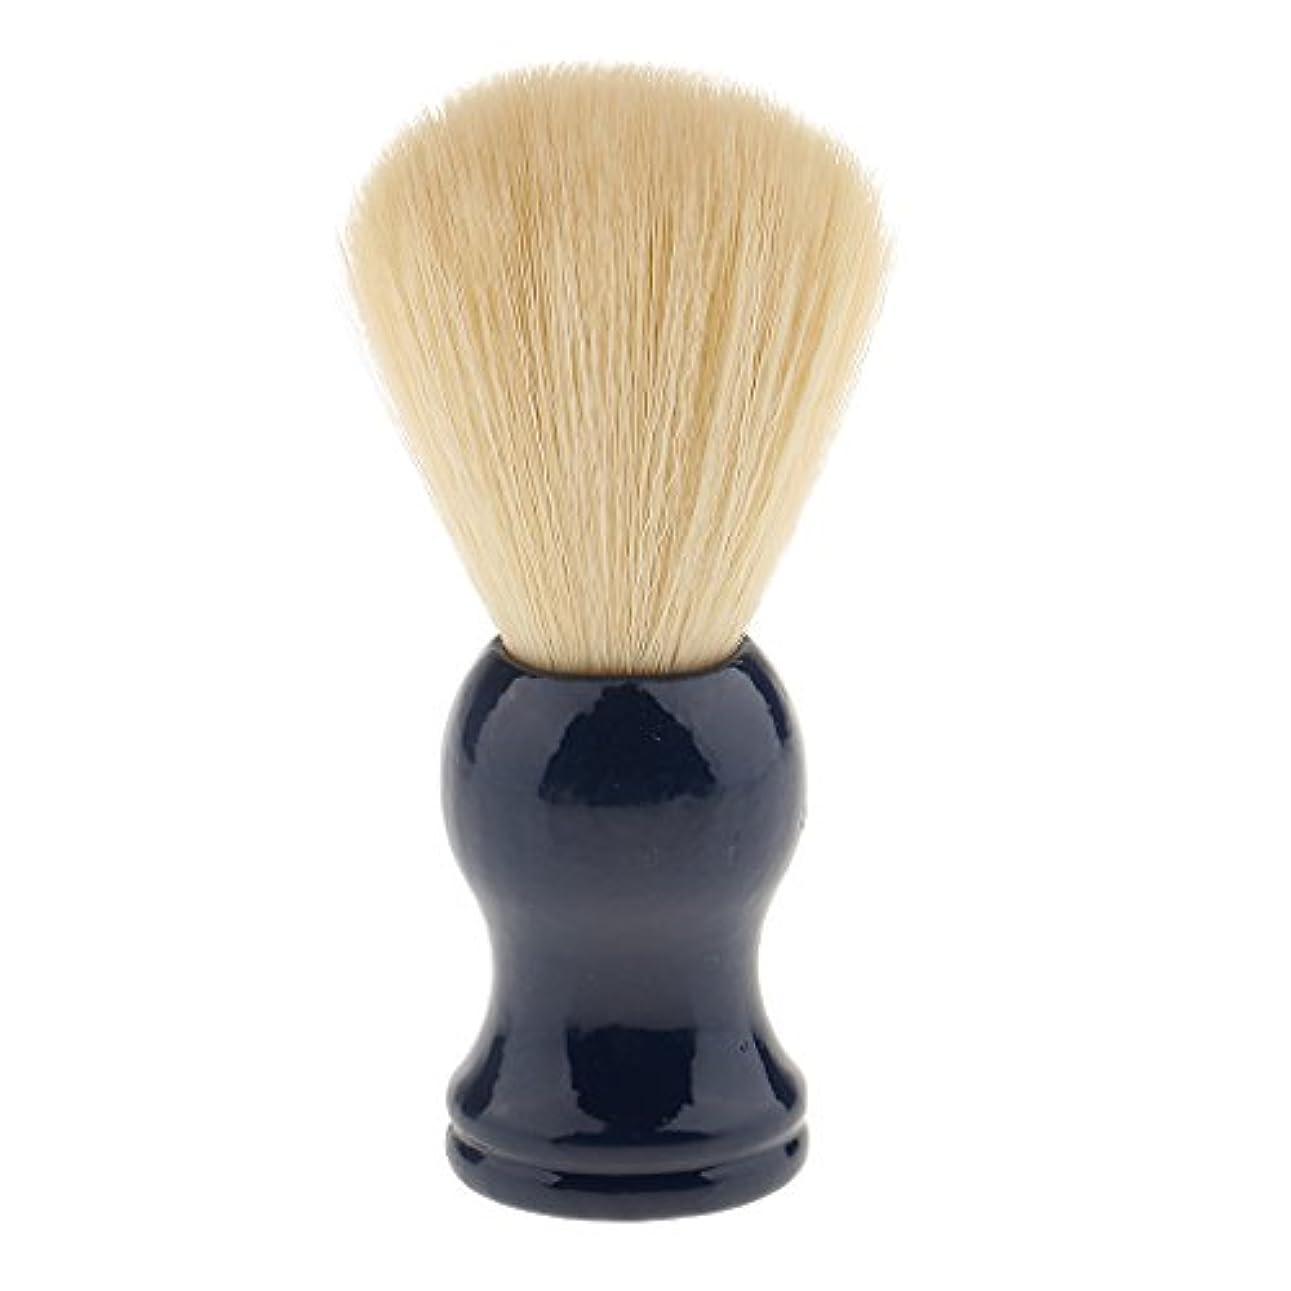 液体カテナタイプBaoblaze ナイロン ひげブラシ シェービング ブラシ 髭 泡立て 散髪整理  理髪用 サロン 快適 美容院